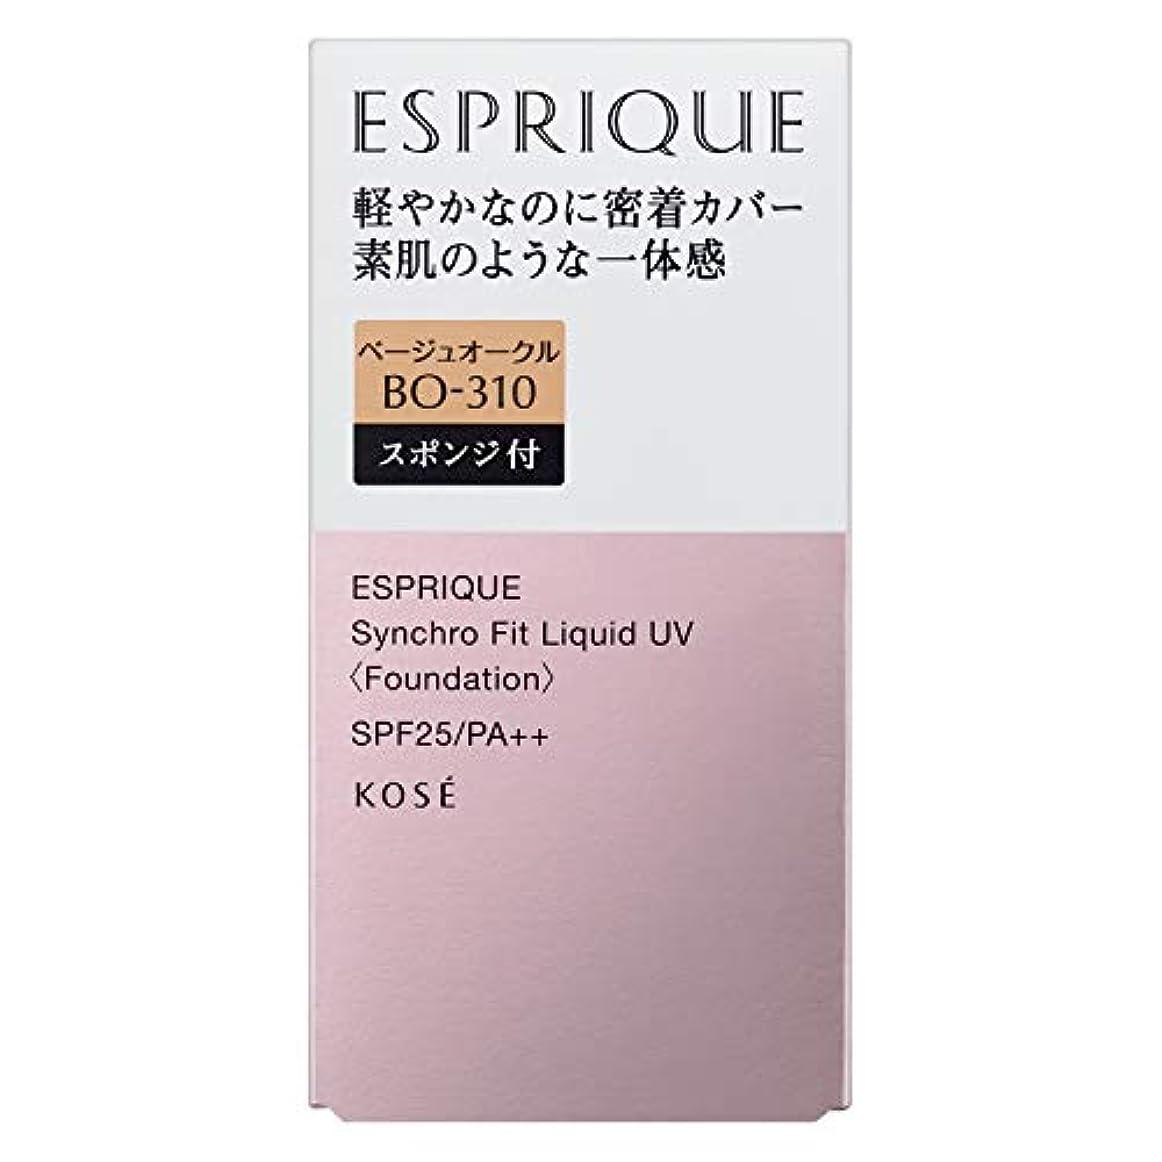 野ウサギ実現可能休日にESPRIQUE(エスプリーク) エスプリーク シンクロフィット リキッド UV ファンデーション 無香料 BO-310 ベージュオークル 30g